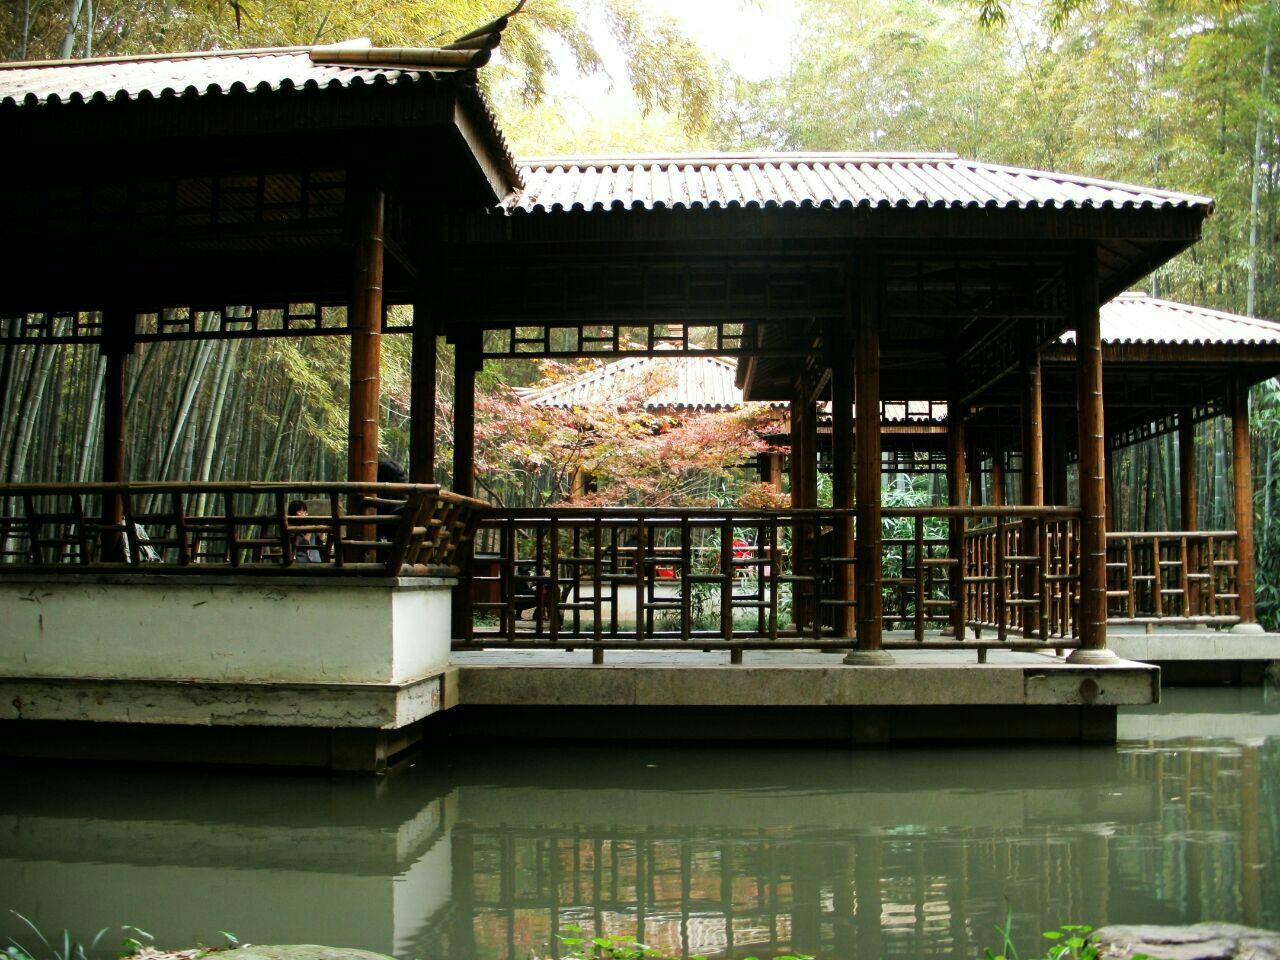 虎丘是苏州旅游必去的目的地,也是苏州园林的代表,是苏州最大的园林